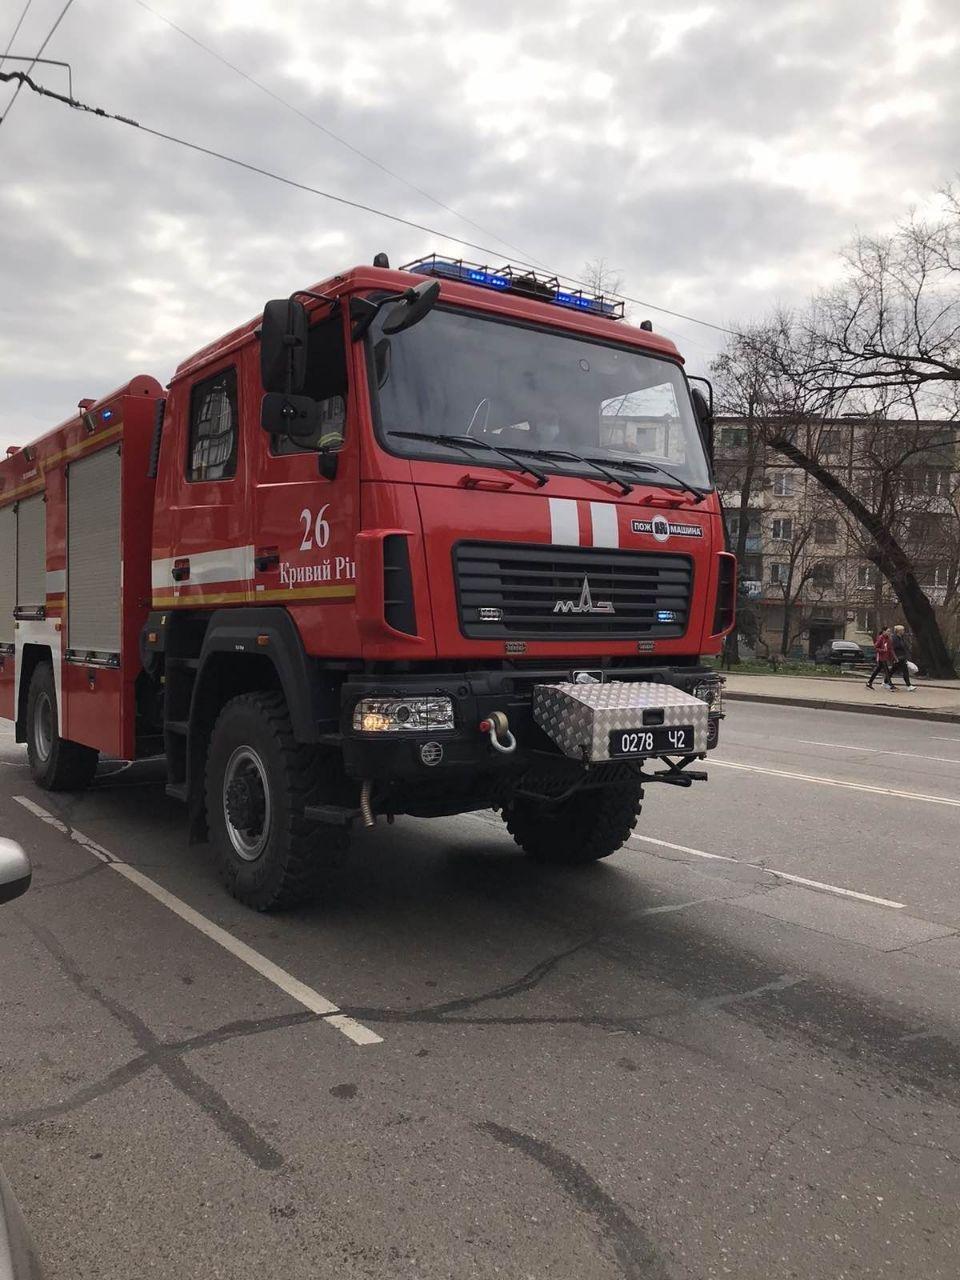 В Кривом Роге спасатели на спецавтомобилях с громкоговорителями информируют горожан о безопасности, - ФОТО, фото-1